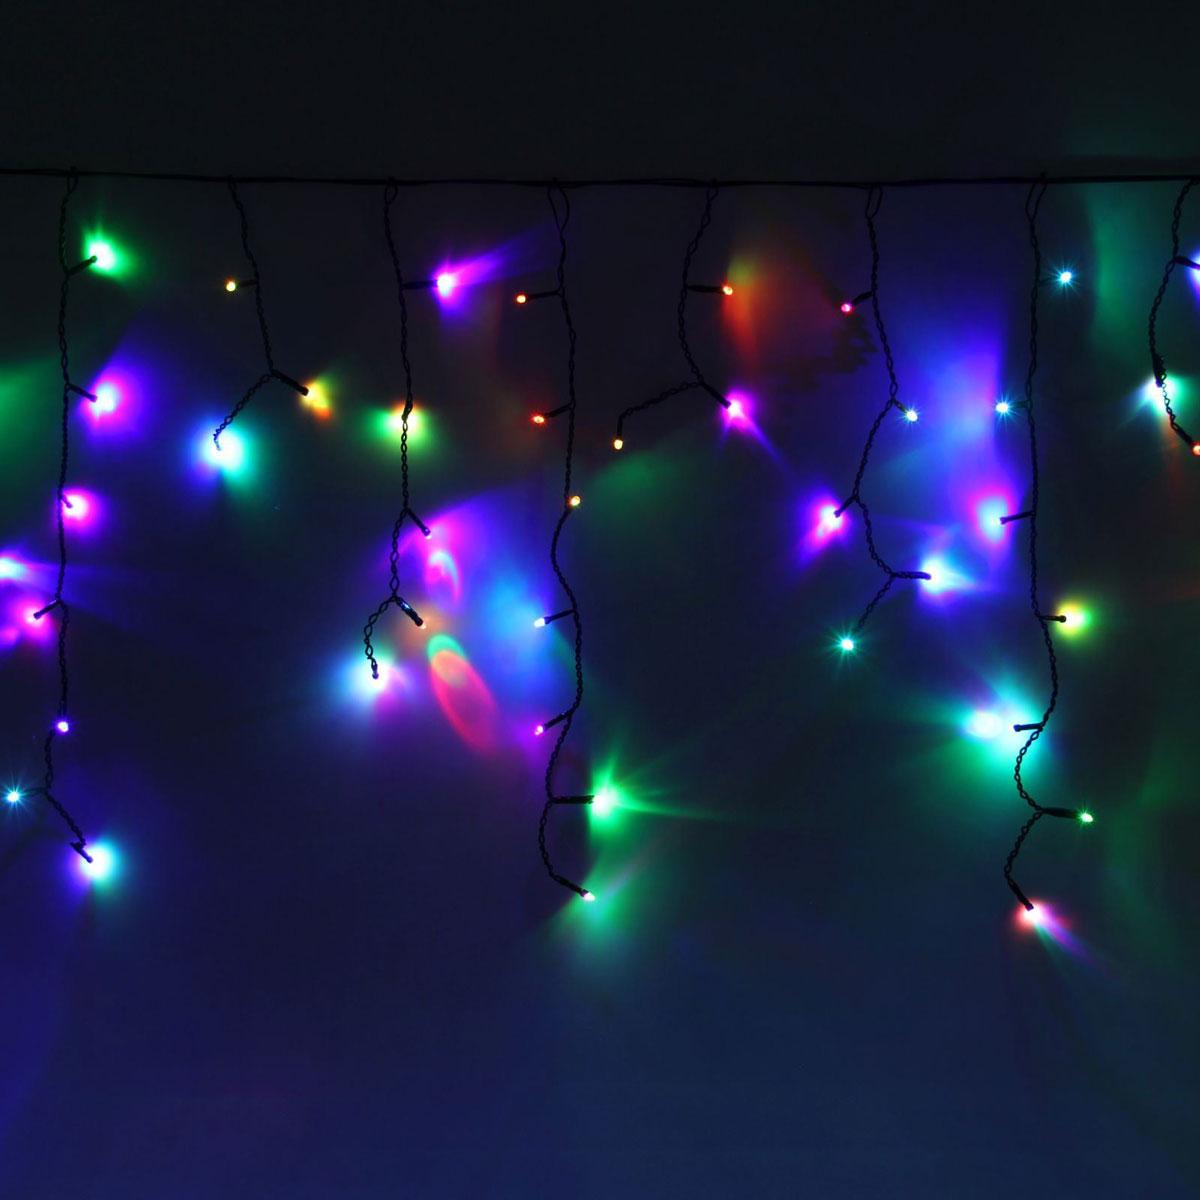 Гирлянда светодиодная Luazon Бахрома, уличная, моргает, 60 ламп, 220V, цвет: мультиколор, 1 х 0,6 м. 10801401080140Светодиодные гирлянды, ленты и т.д — это отличный вариант для новогоднего оформления интерьера или фасада. С их помощью помещение любого размера можно превратить в праздничный зал, а внешние элементы зданий, украшенные ими, мгновенно станут напоминать очертания сказочного дворца. Такие украшения создают ауру предвкушения чуда. Деревья, фасады, витрины, окна и арки будто специально созданы, чтобы вы украсили их светящимися нитями.